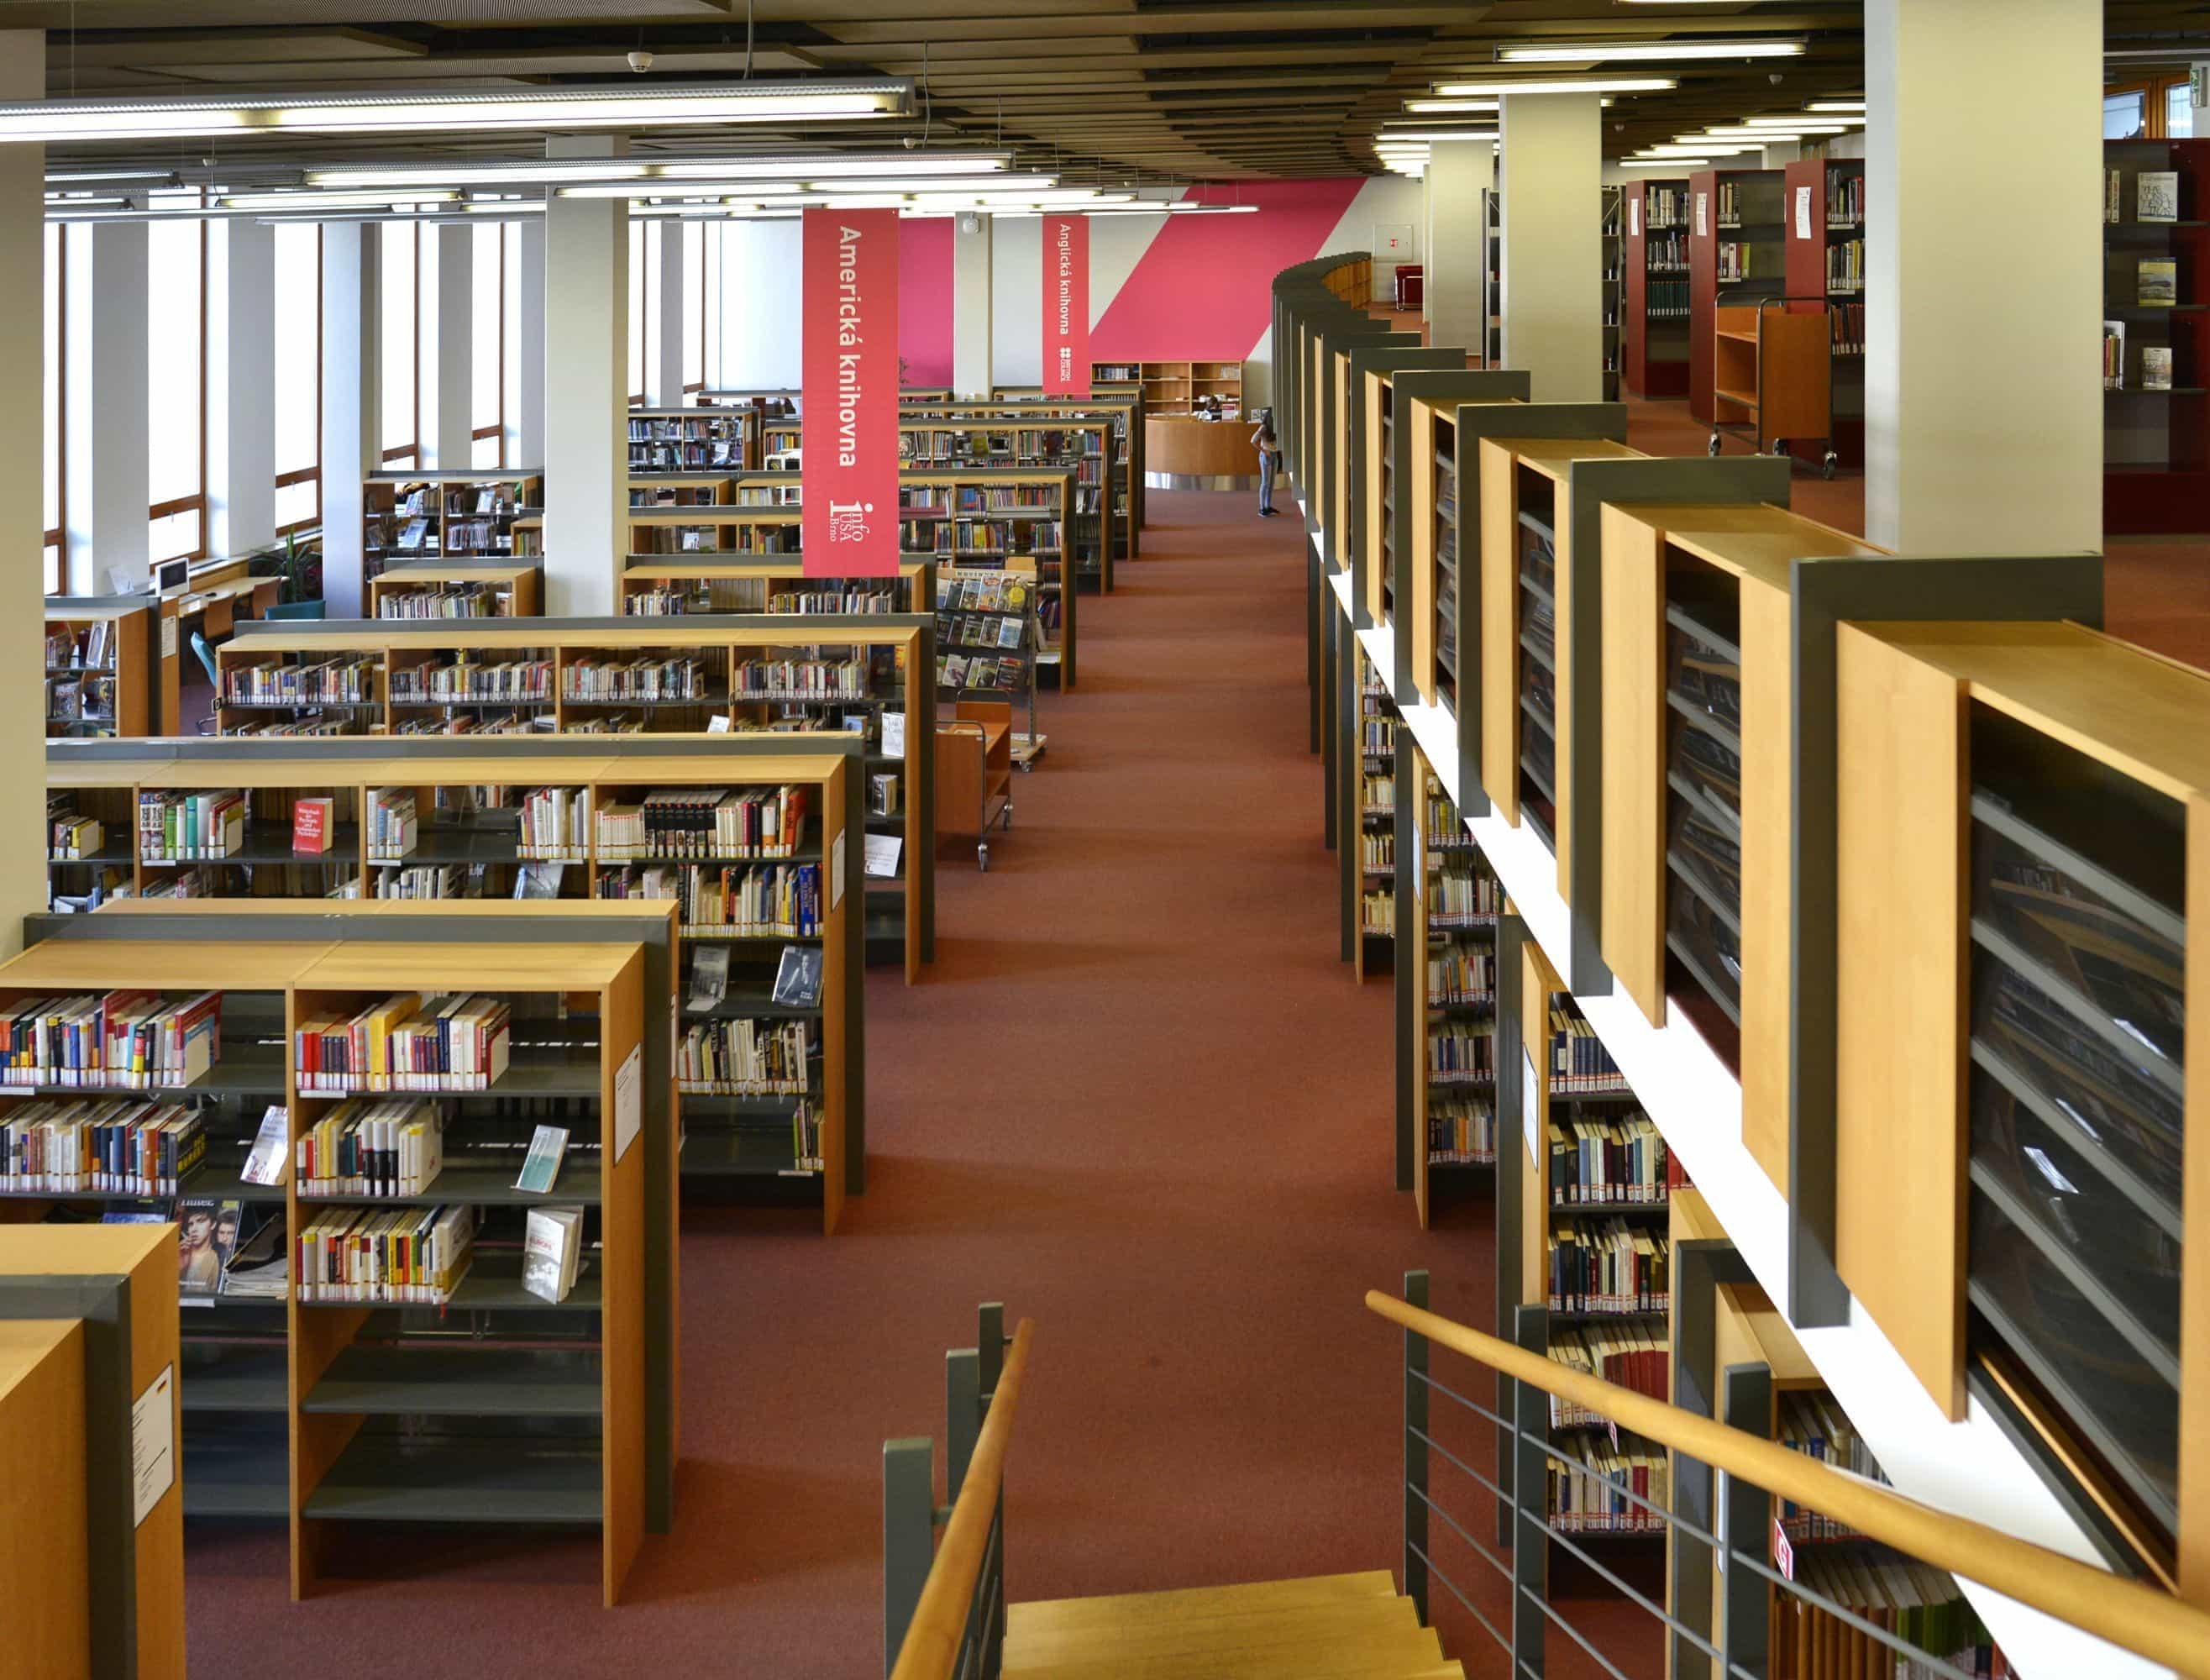 Moravian Library in Brno